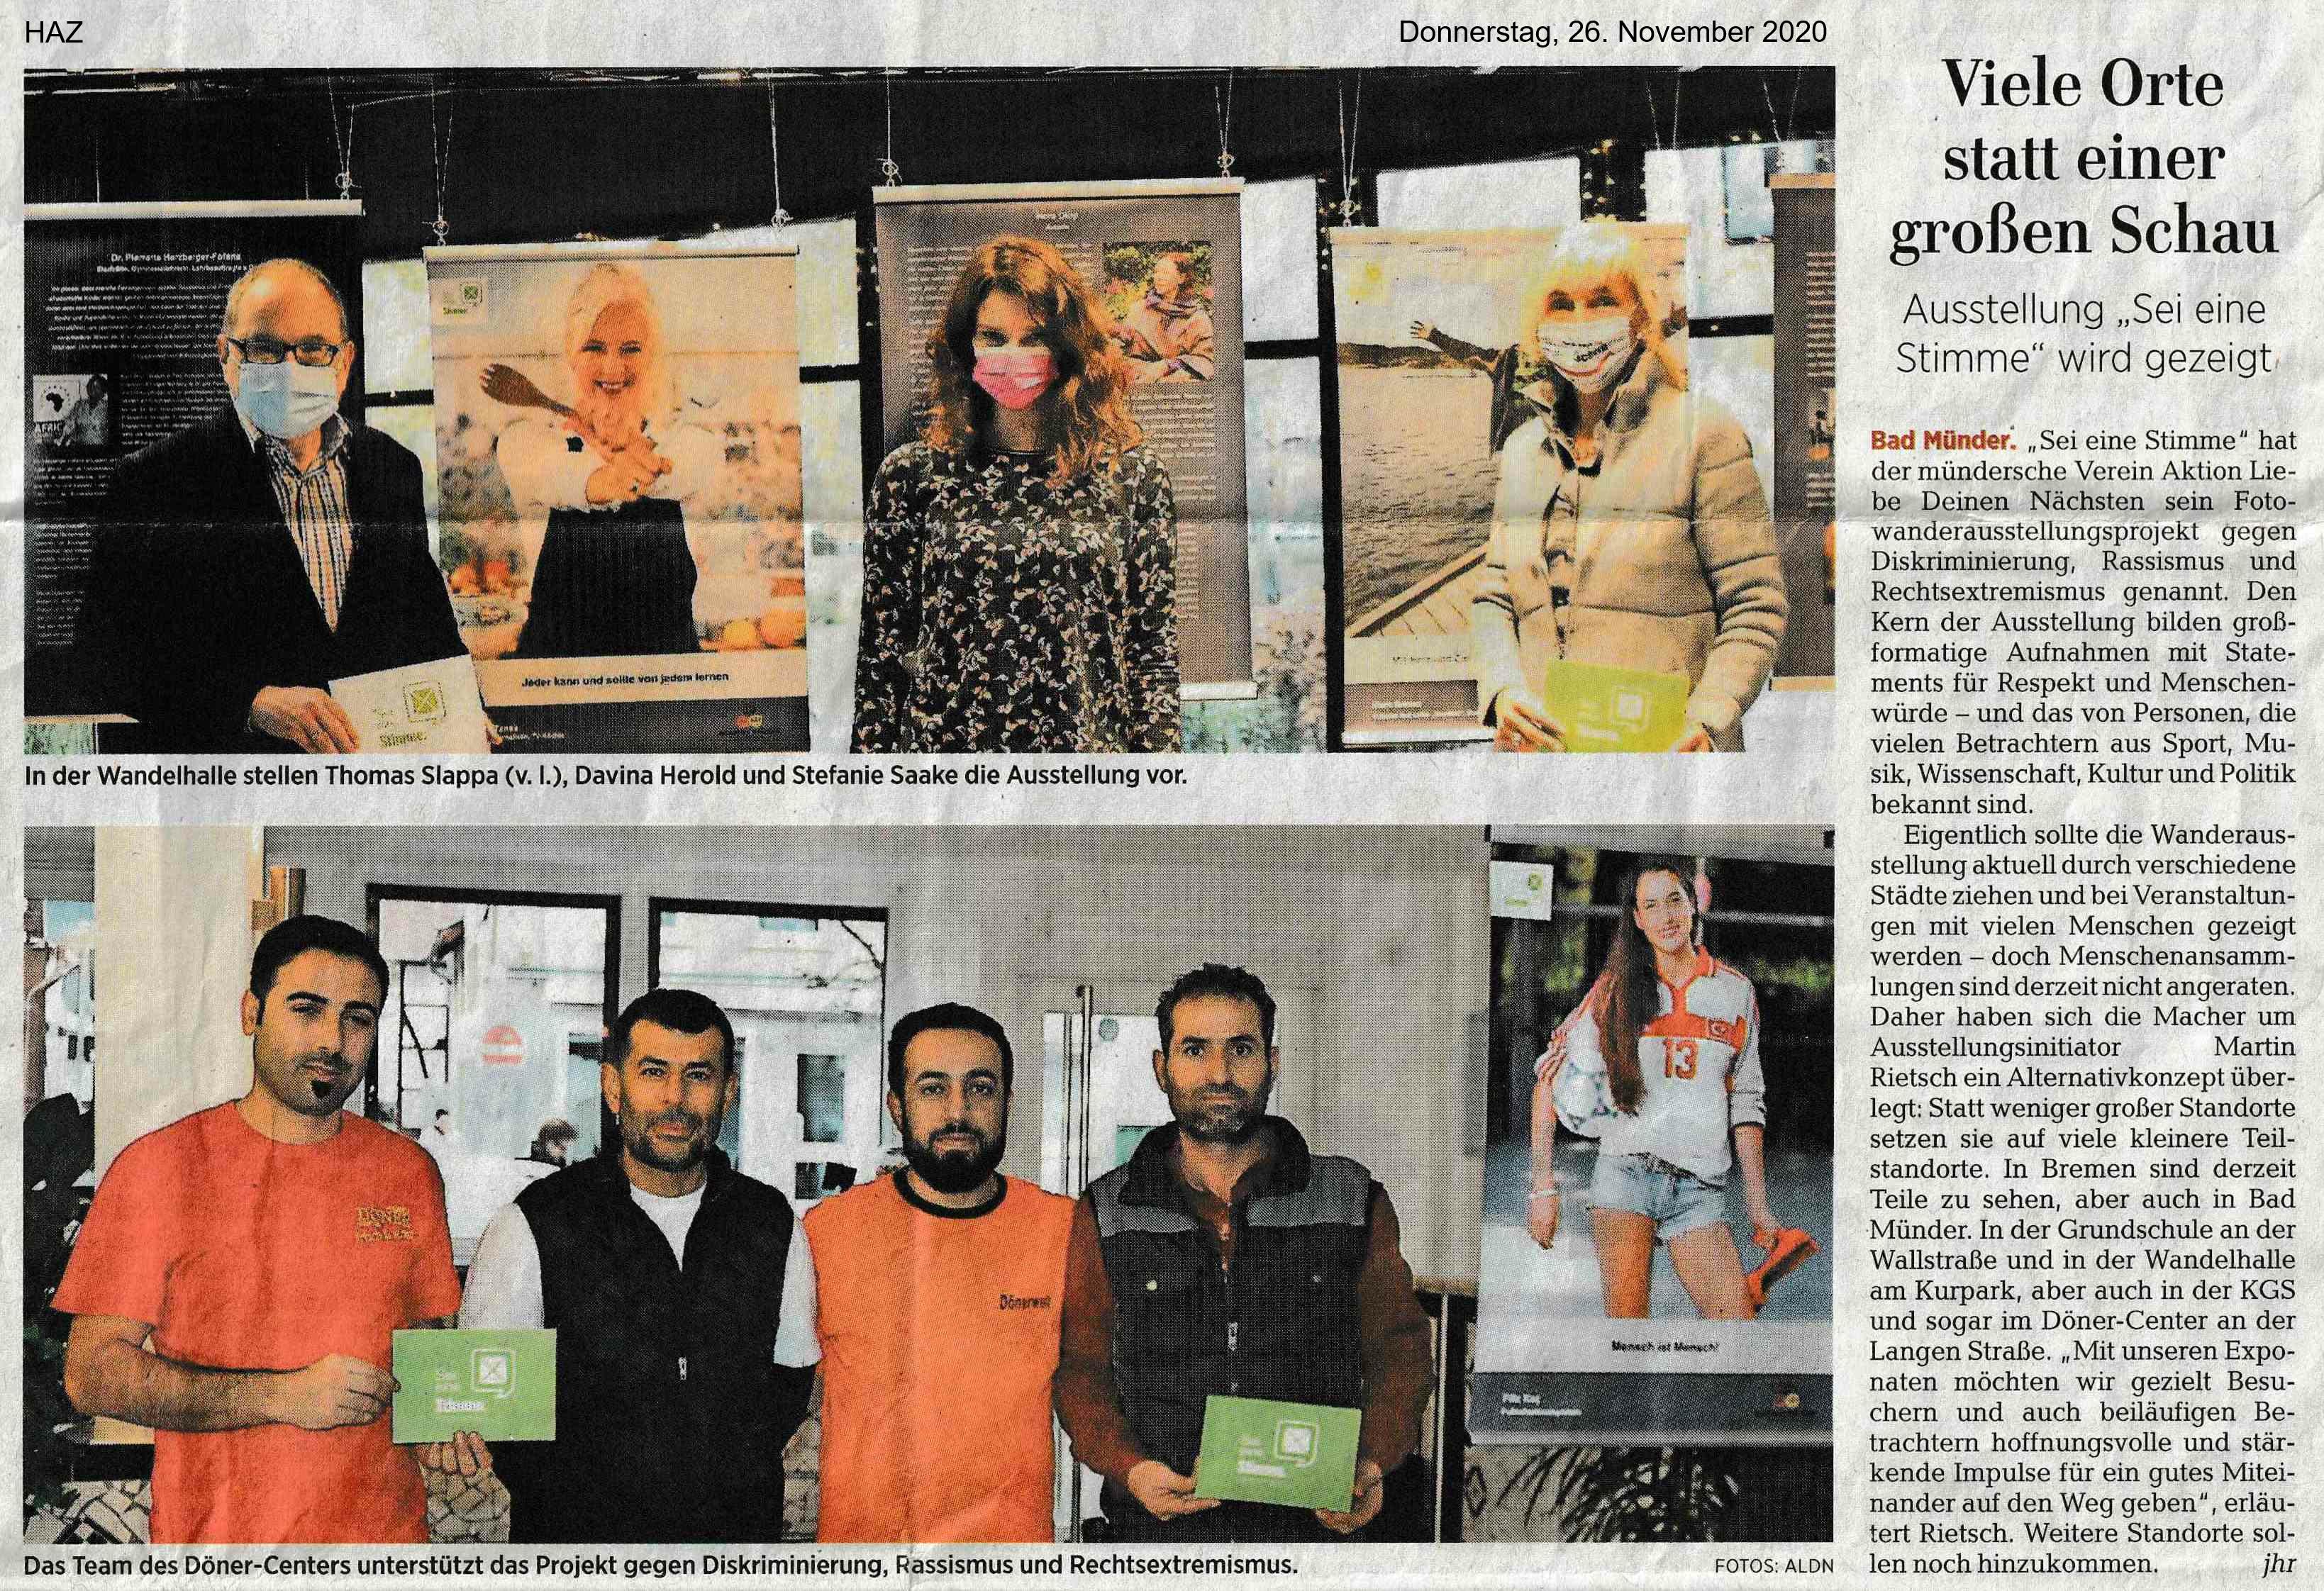 Hannoversche Allgemeine Zeitung 26.11.2020